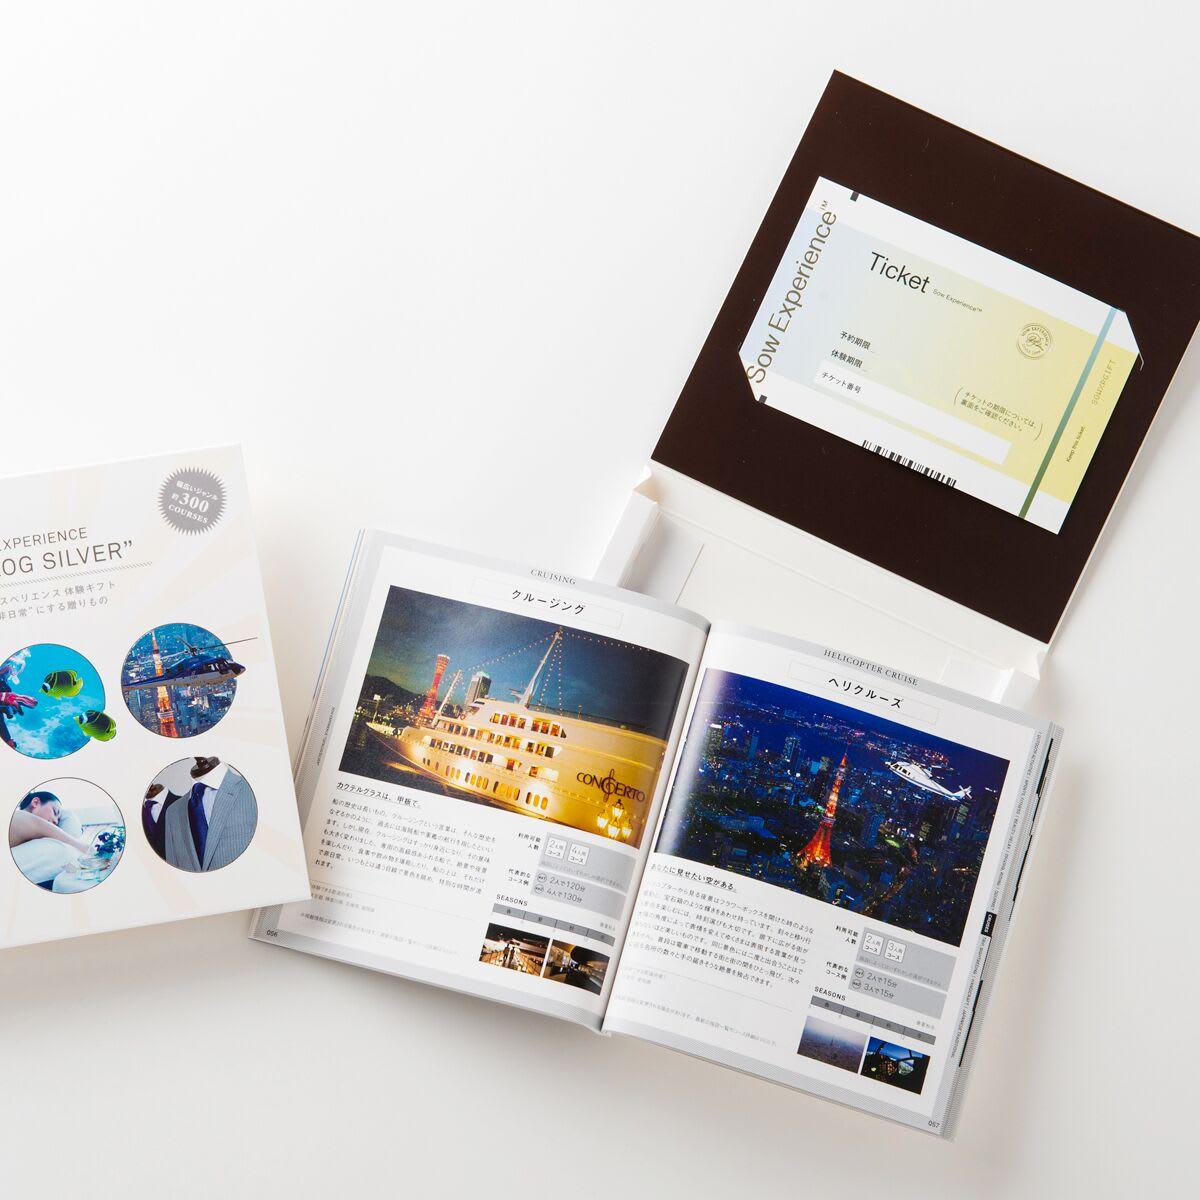 体験ギフト・総合版カタログ SILVER ガイドブックとチケットをセットしオリジナルBOXに入れてお届け